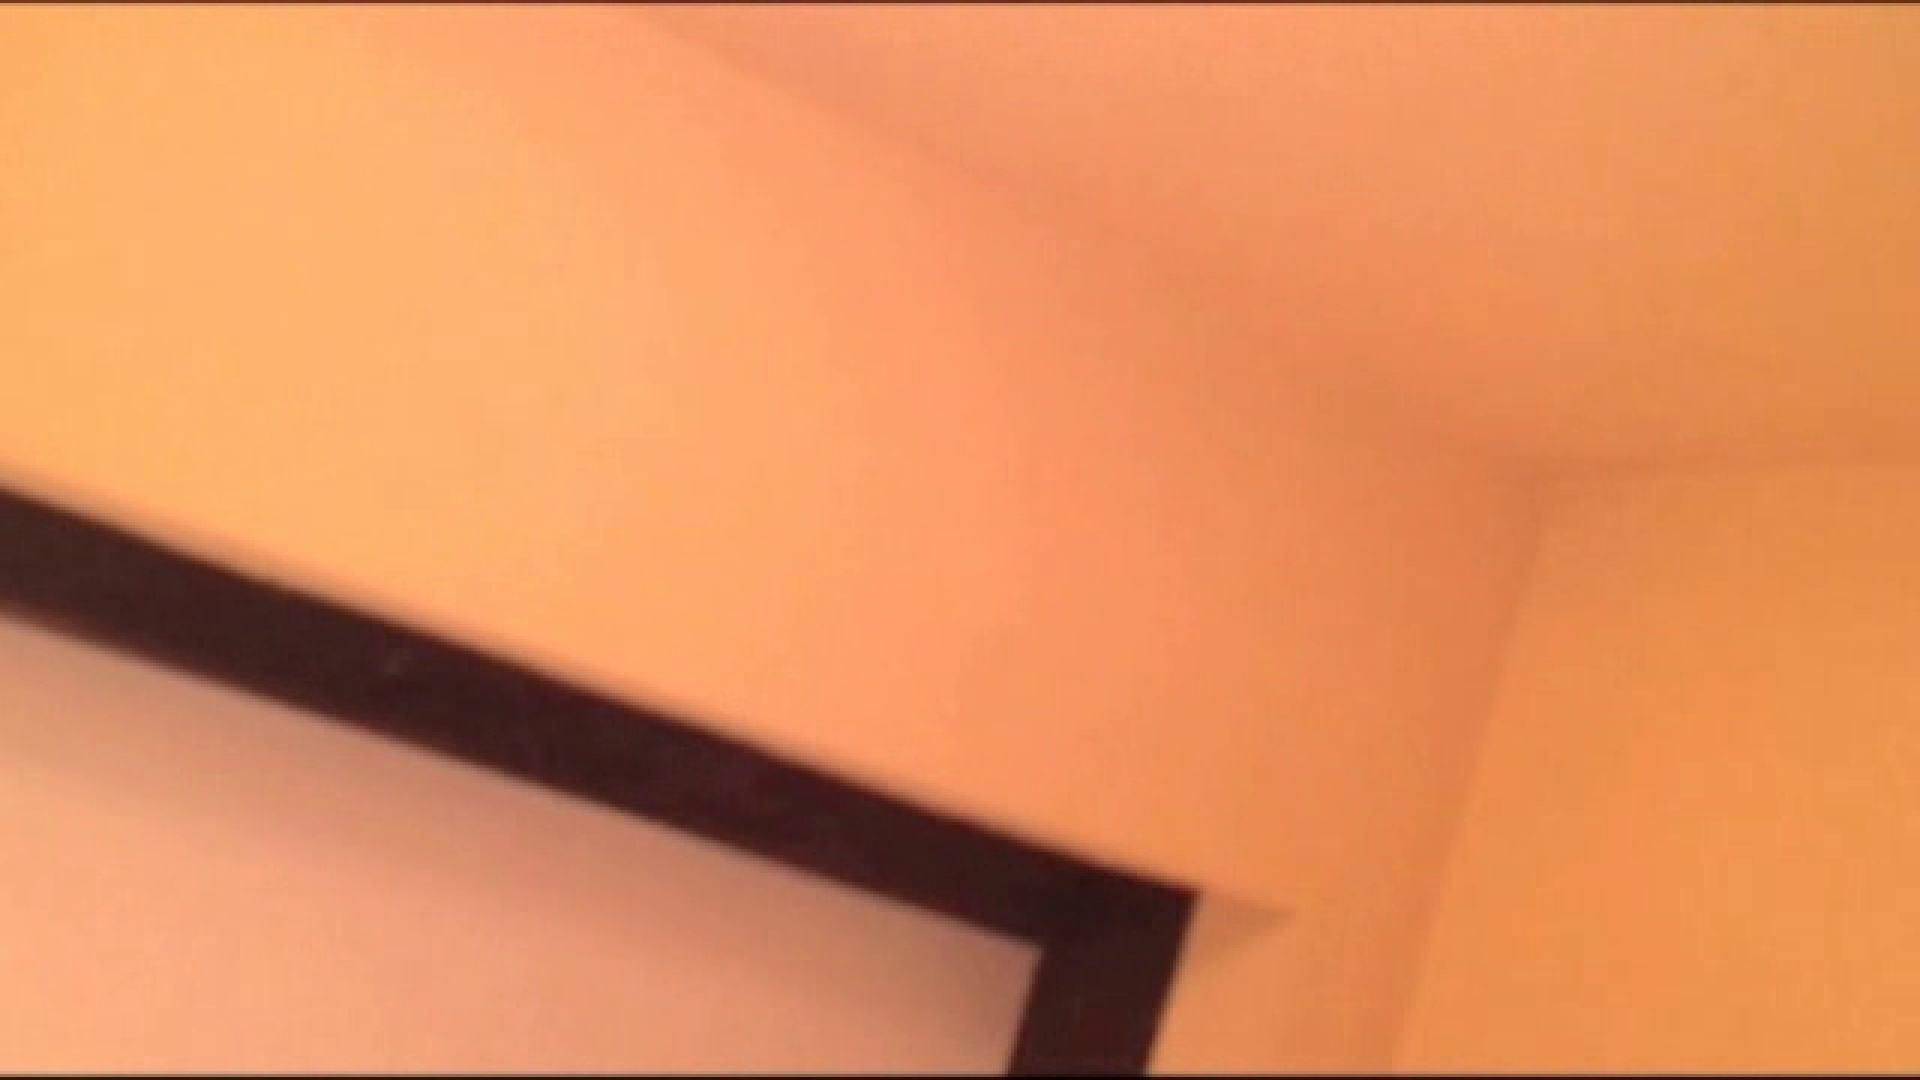 ドラゴン2世 チャラ男の個人撮影 Vol.06 超かわいい彼女 ゆいか 18才 Part.03 ついにハメ撮り フェラチオ 隠し撮りすけべAV動画紹介 50PICs 23